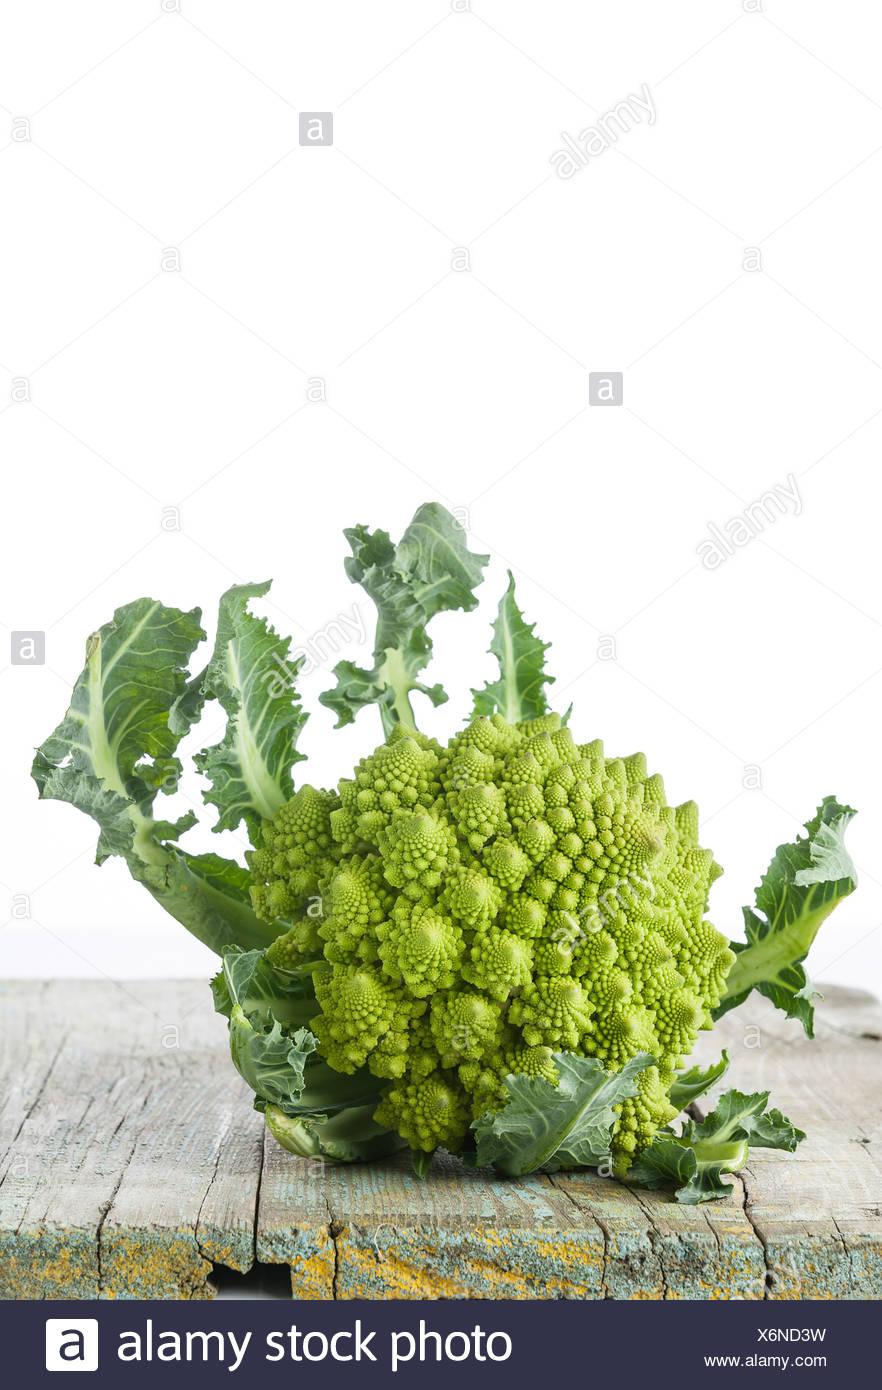 Cavolo broccolo Romanesco su sfondo bianco Immagini Stock